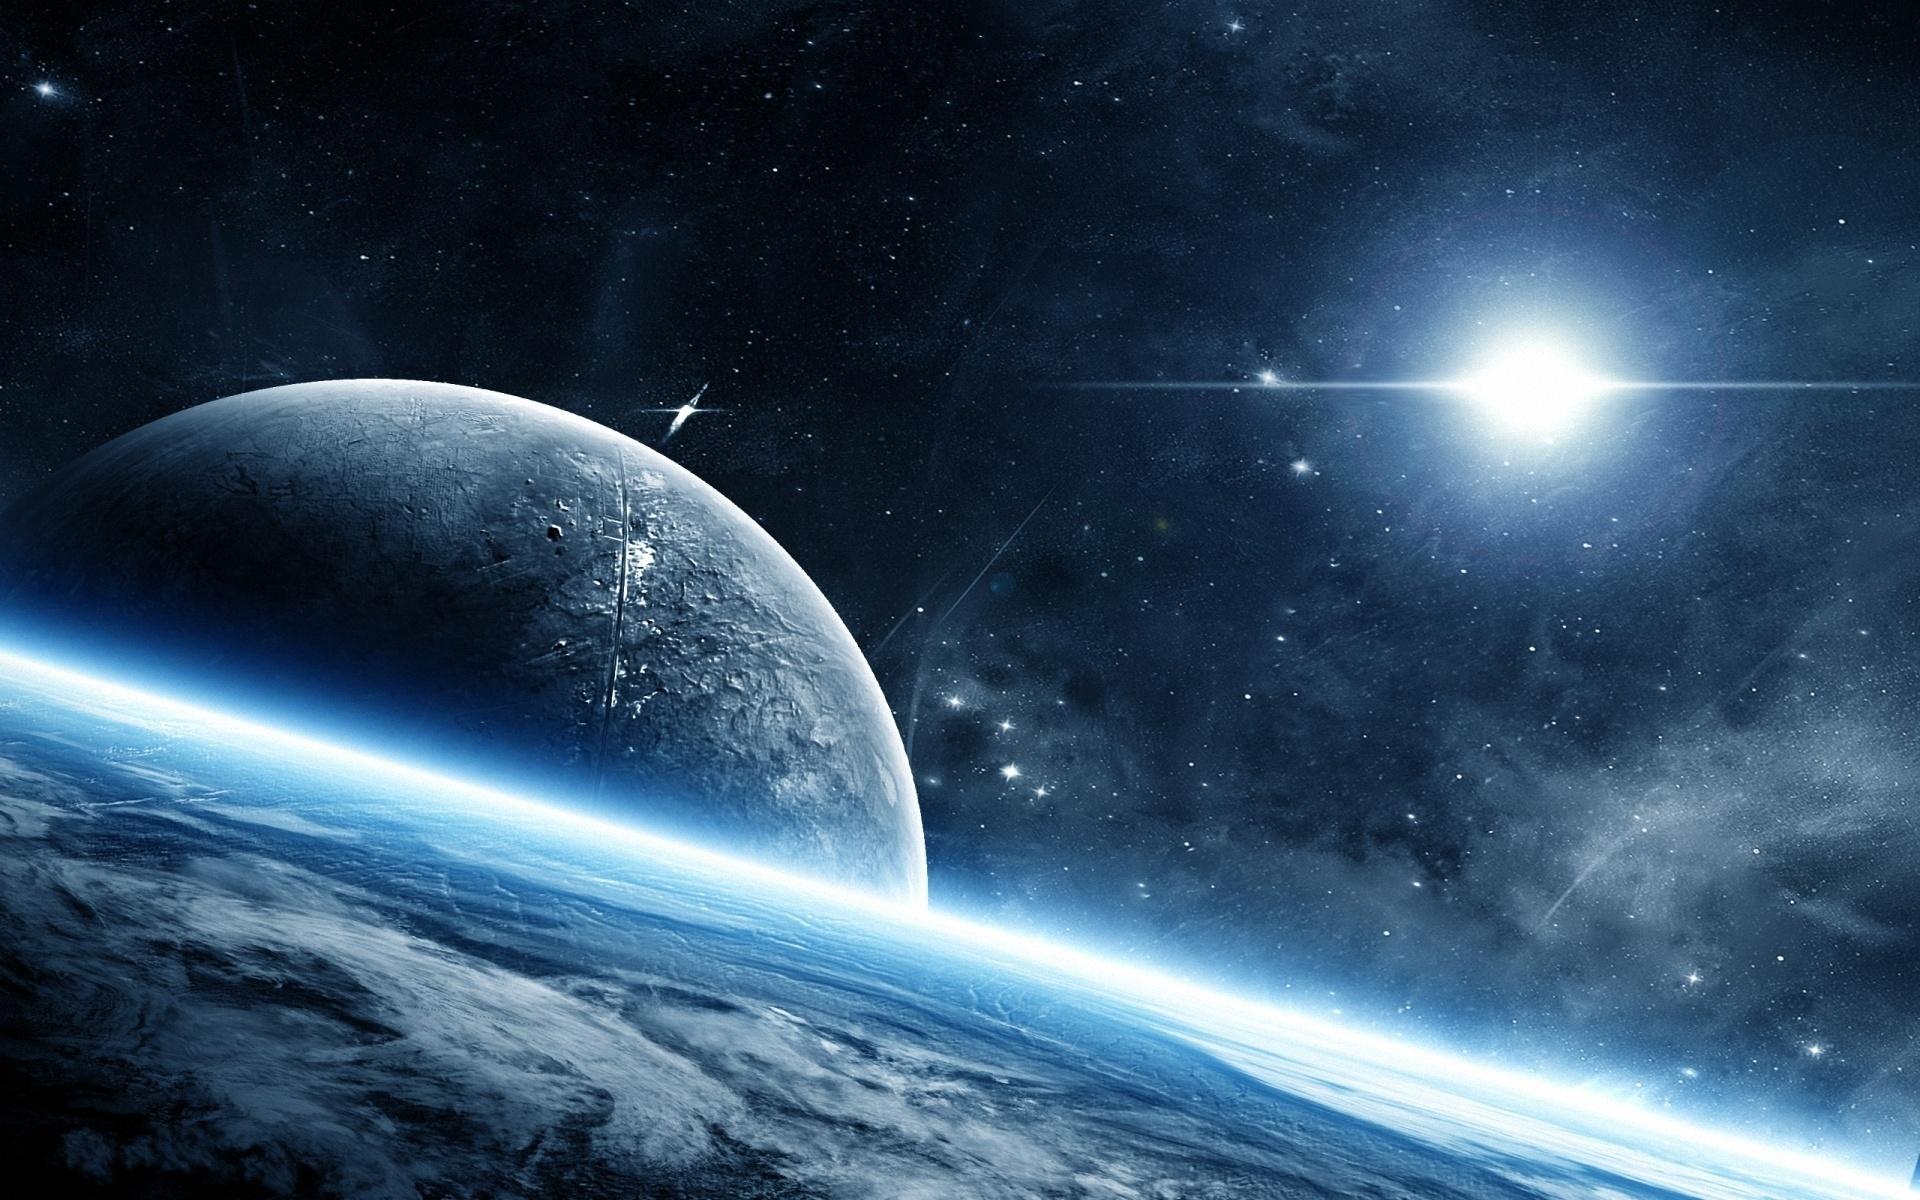 Обои планеты картинки на рабочий стол на тему Космос - скачать без смс